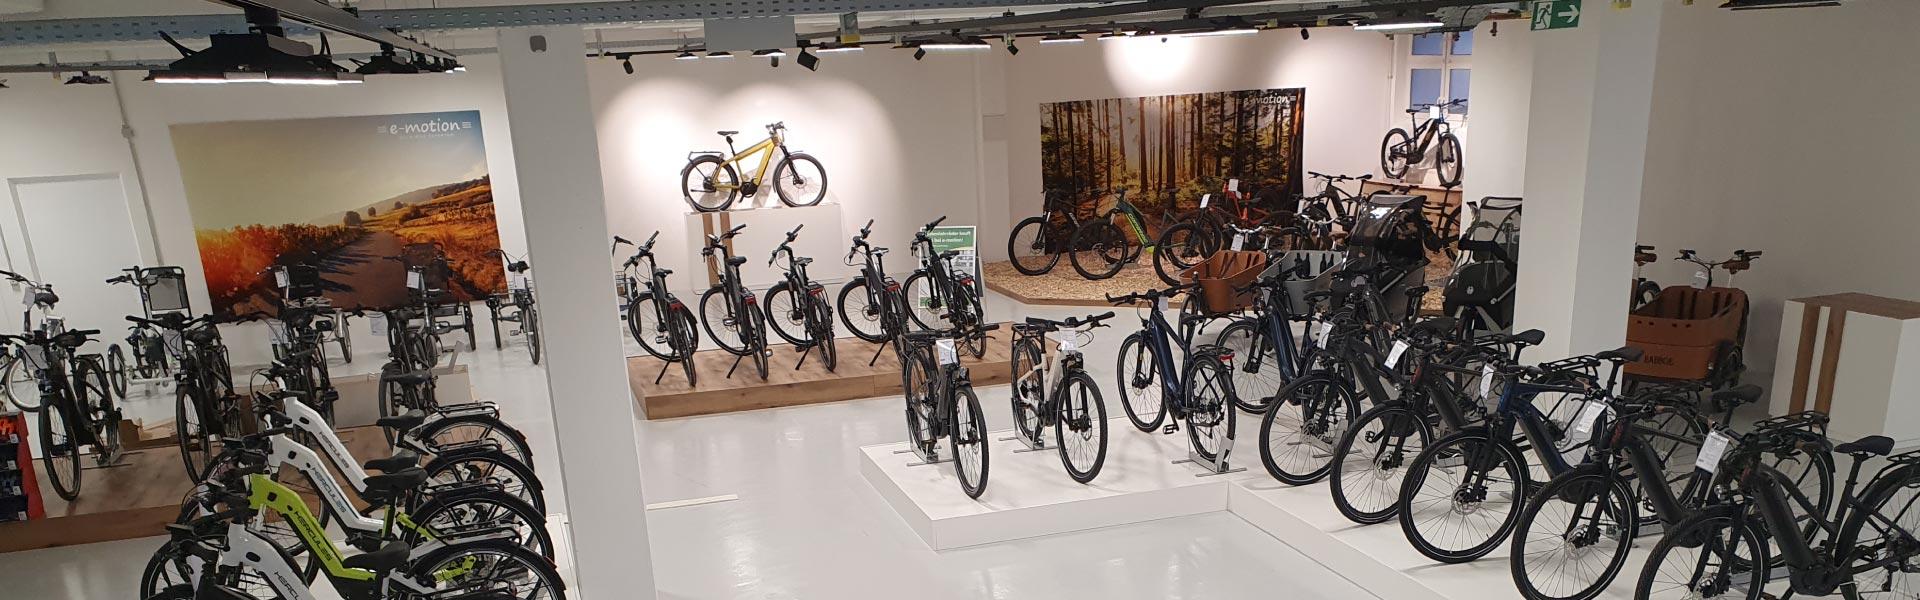 Innenansicht mit vielen verschiedenen e-Bikes in der e-motion Welt Pforzheim